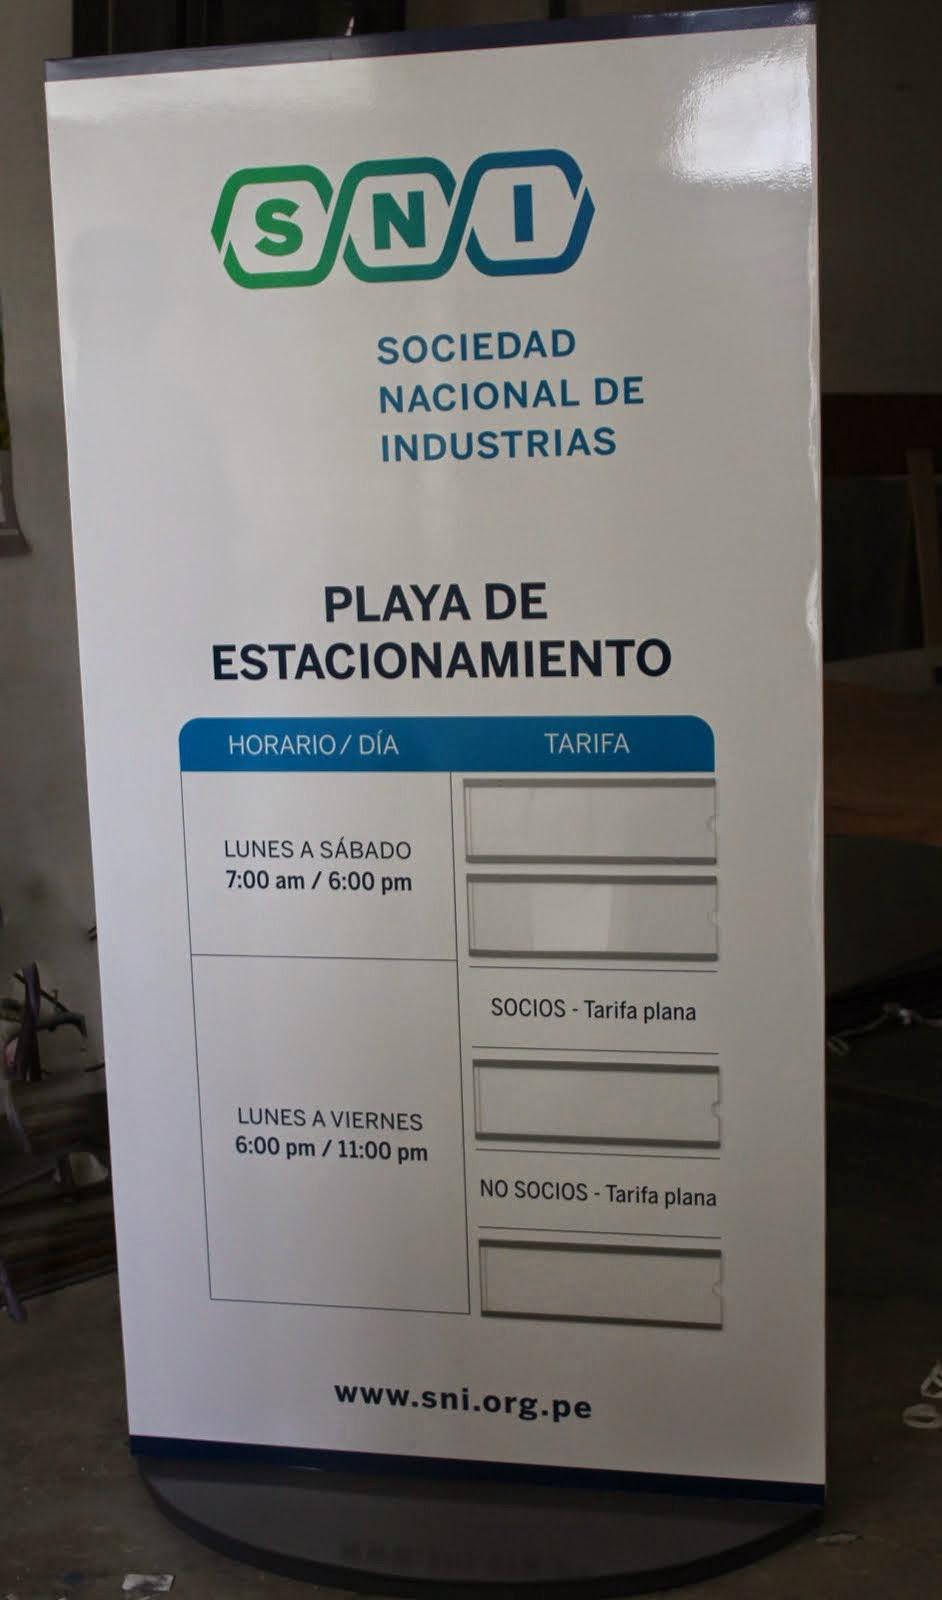 sni - Totem Publicitario